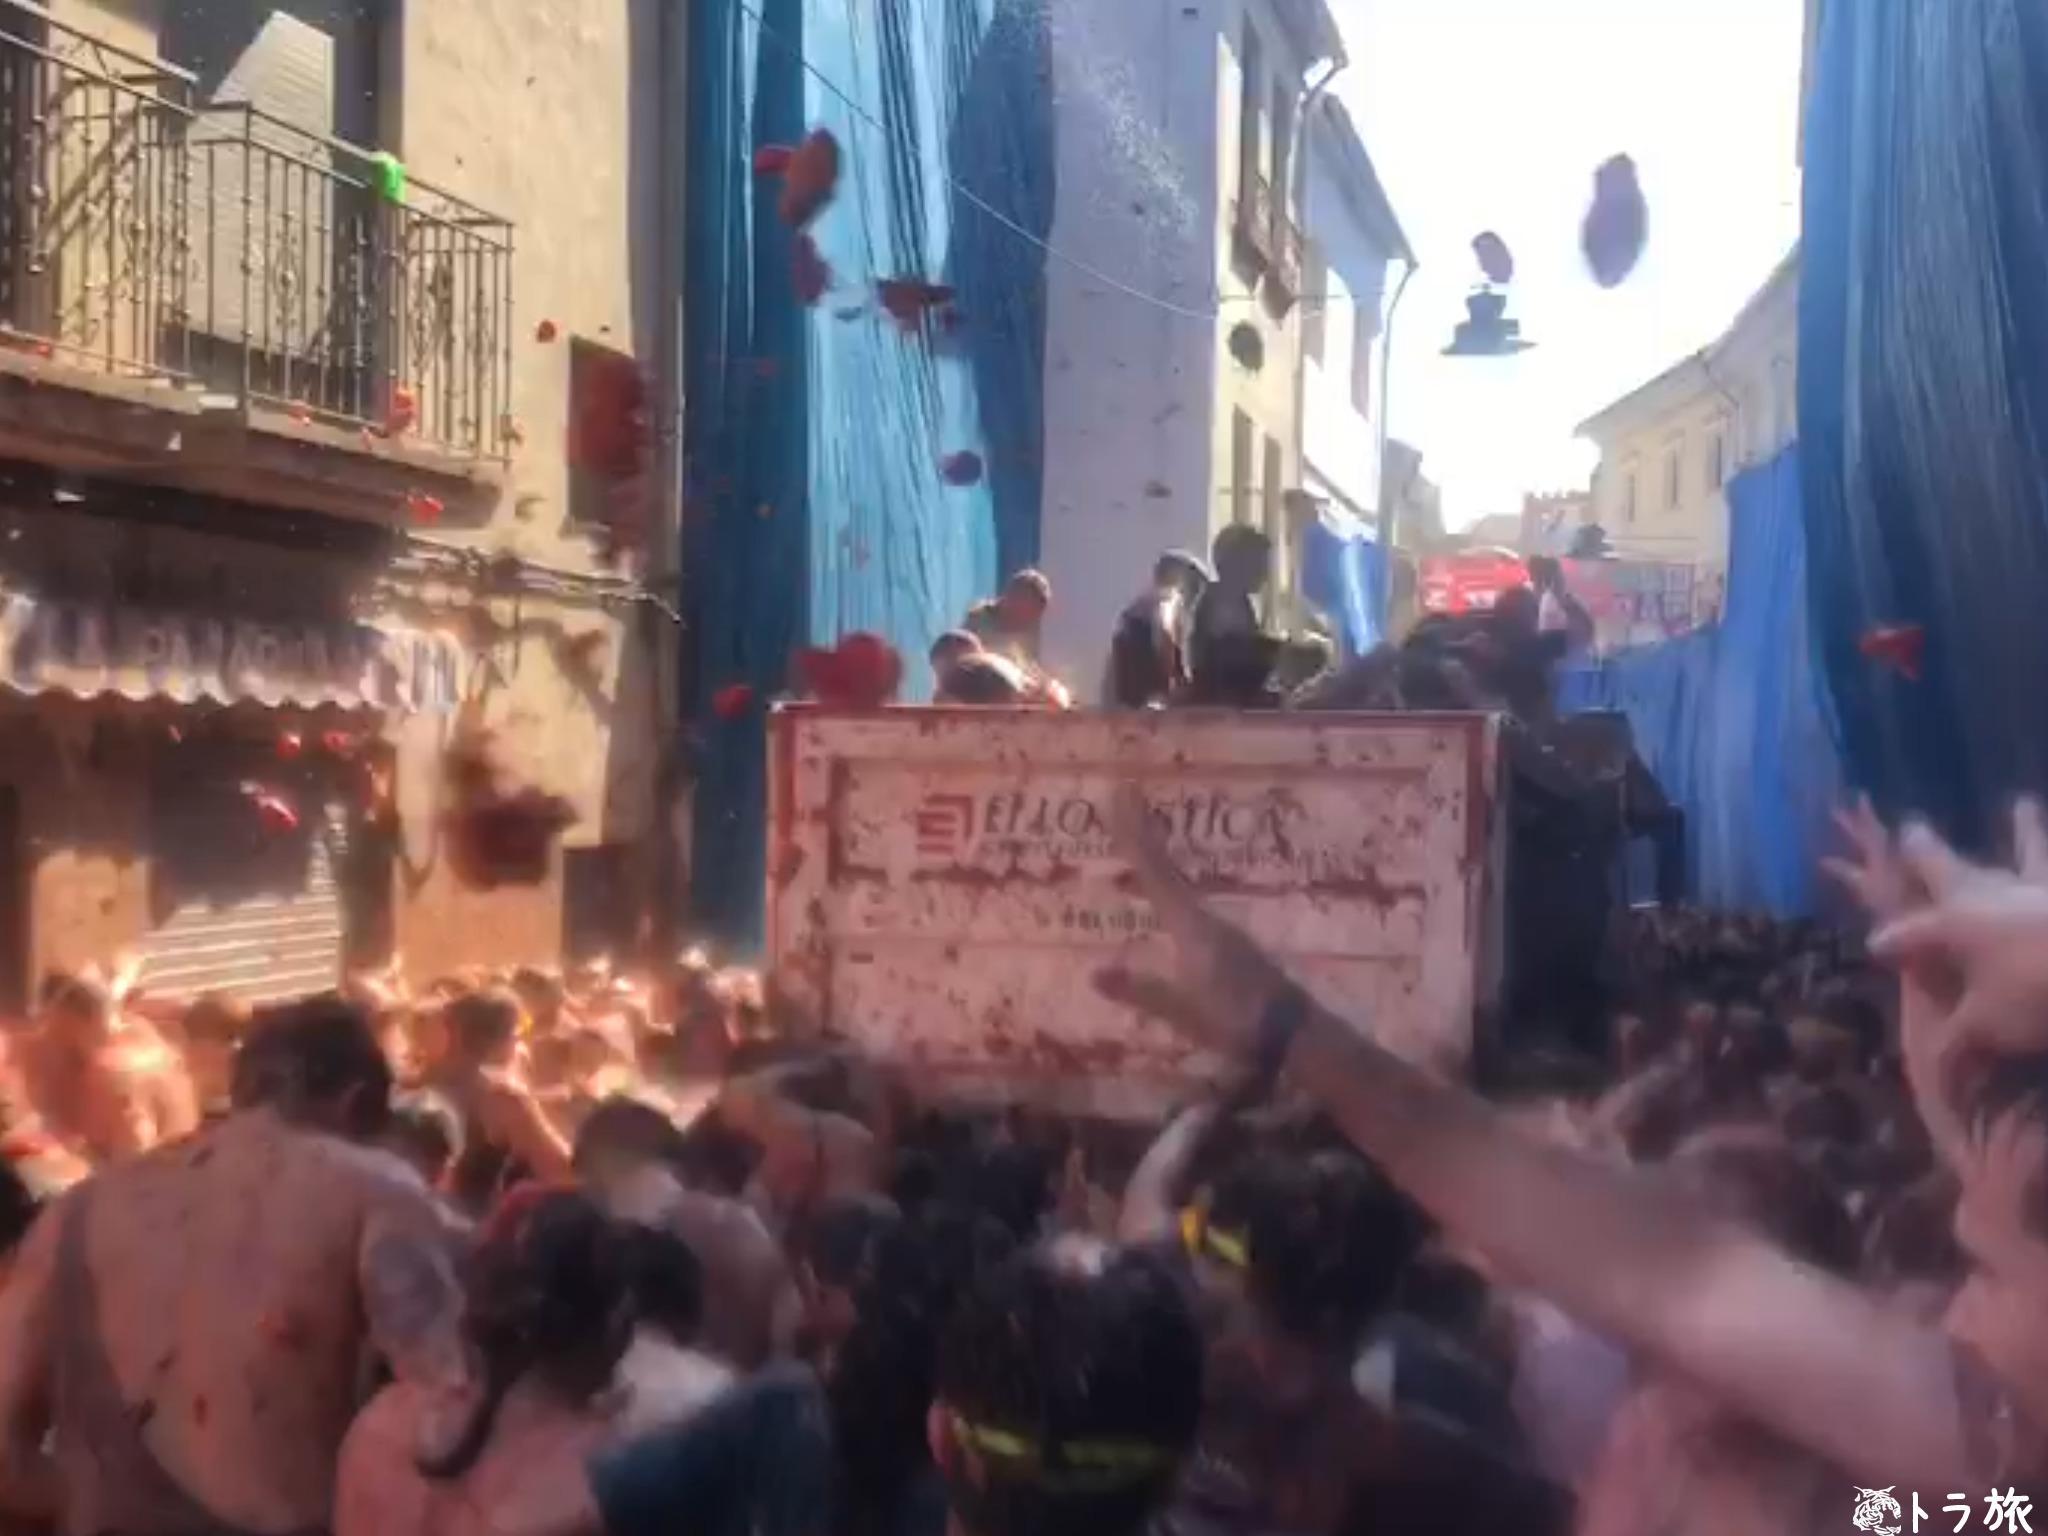 スペイン旅行は8月がベストシーズン!?あの祭りも開催される!